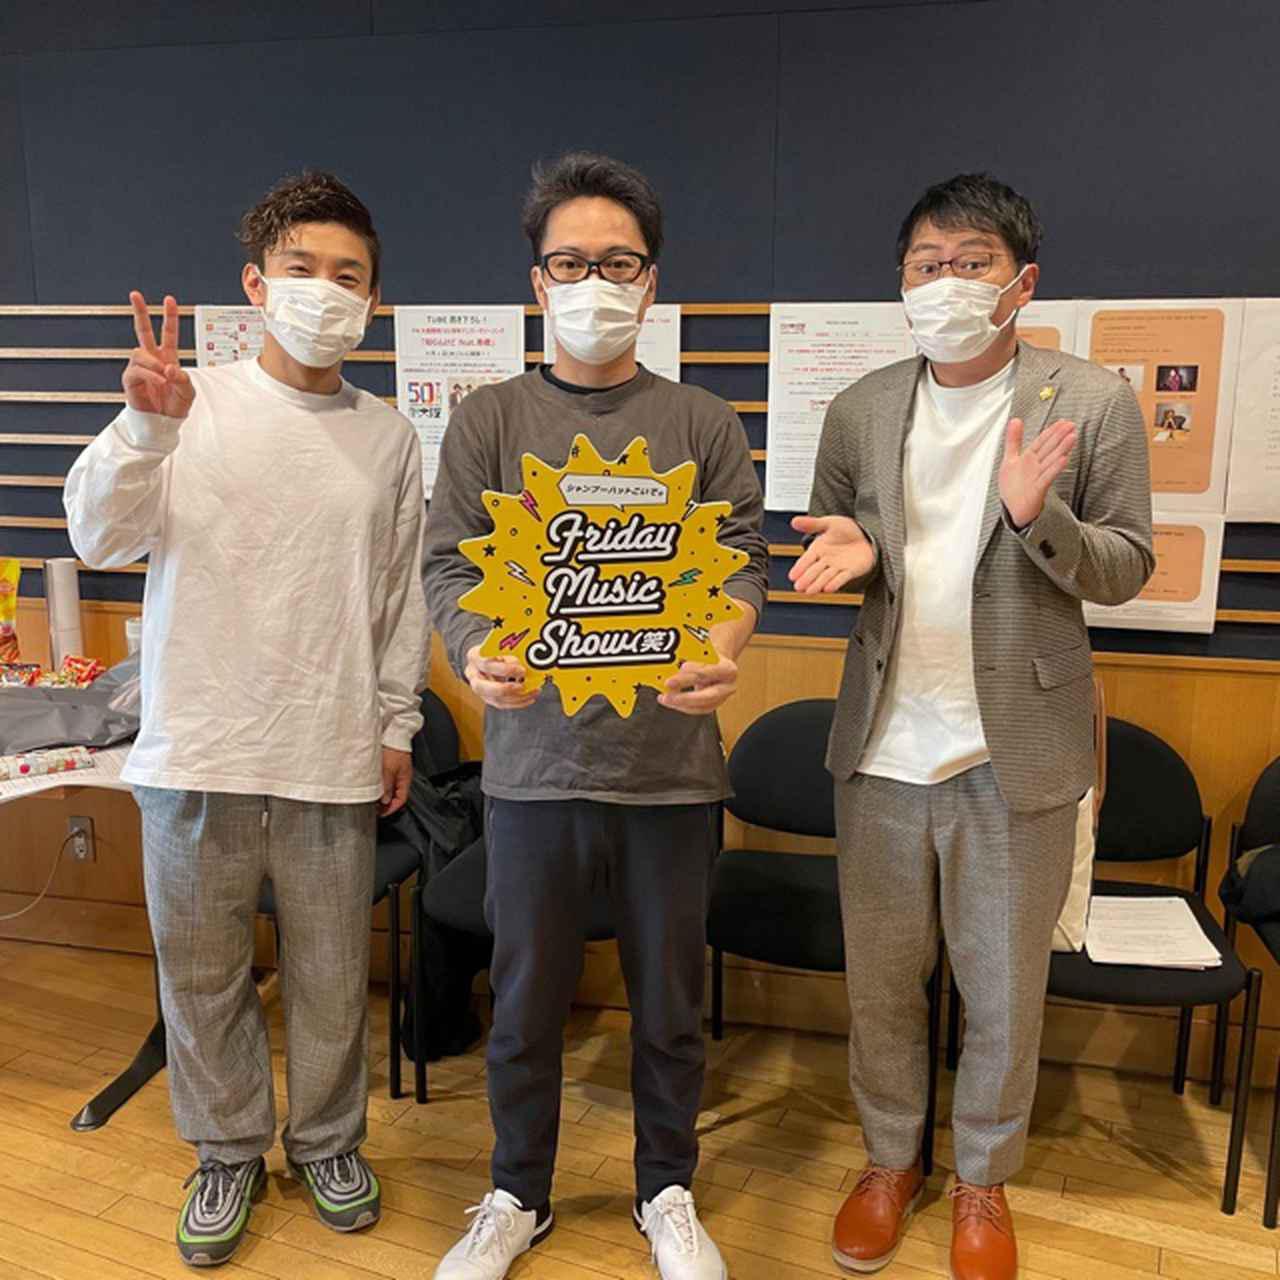 画像: 11月27日(金) シャンプーハットこいでのFriday Music Show(笑)